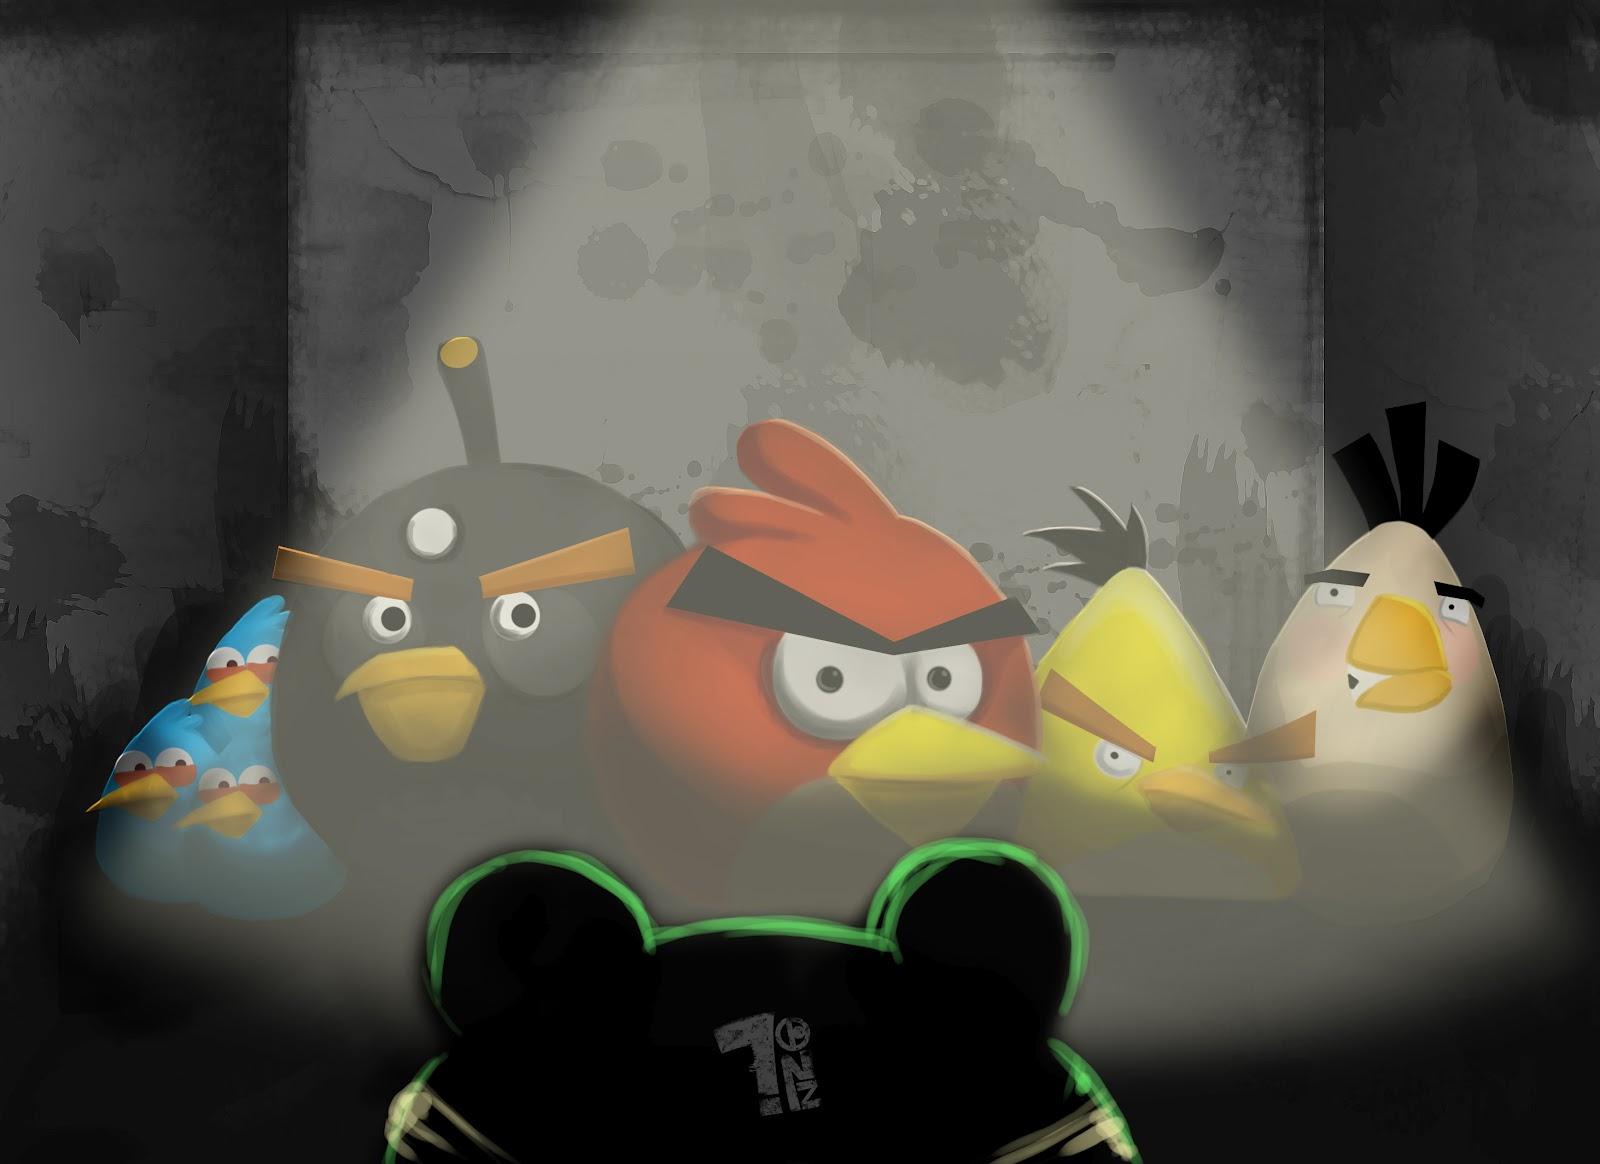 http://1.bp.blogspot.com/-W9MysmOwVoY/T18T58aITGI/AAAAAAAABS8/9SG4ohP_R7k/s1600/Angry-Birds-Wallpaper-6.jpg